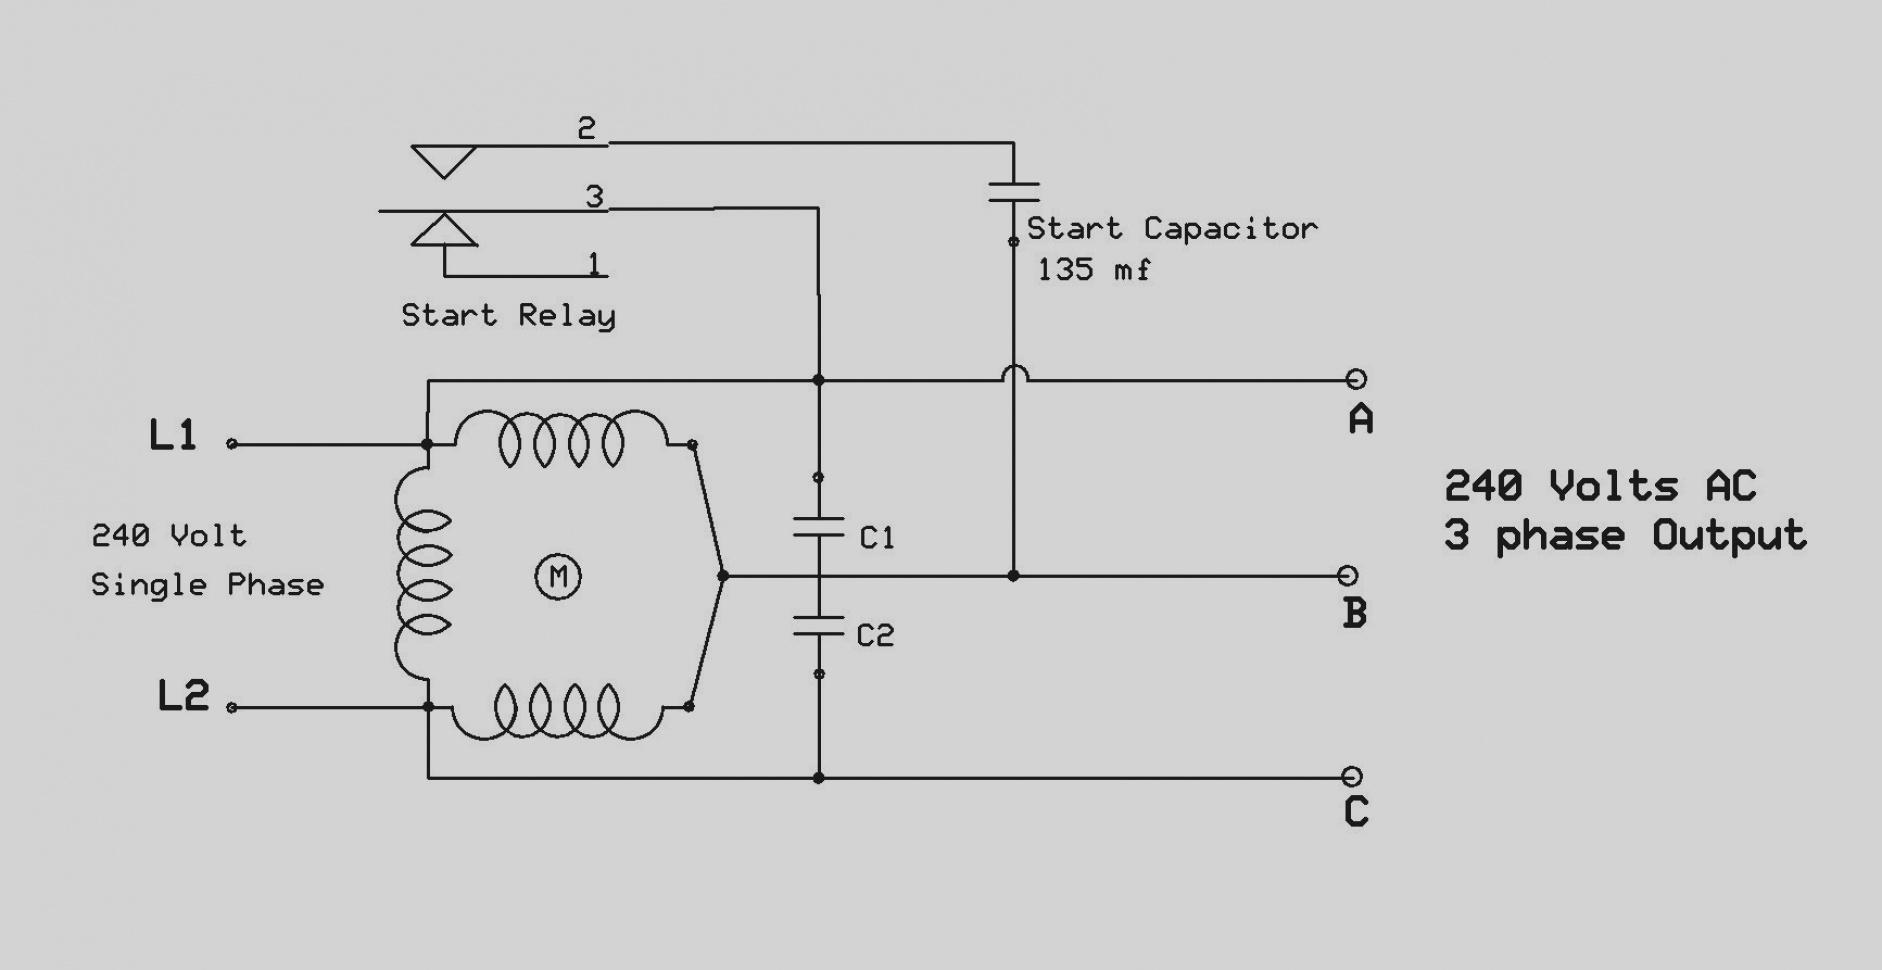 baldor l1512t motor capacitor wiring diagram Baldor Electric Motor Capacitor Wiring hight resolution of baldor 5 hp electric motor wiring diagram wiring library baldor 3 phase wiring